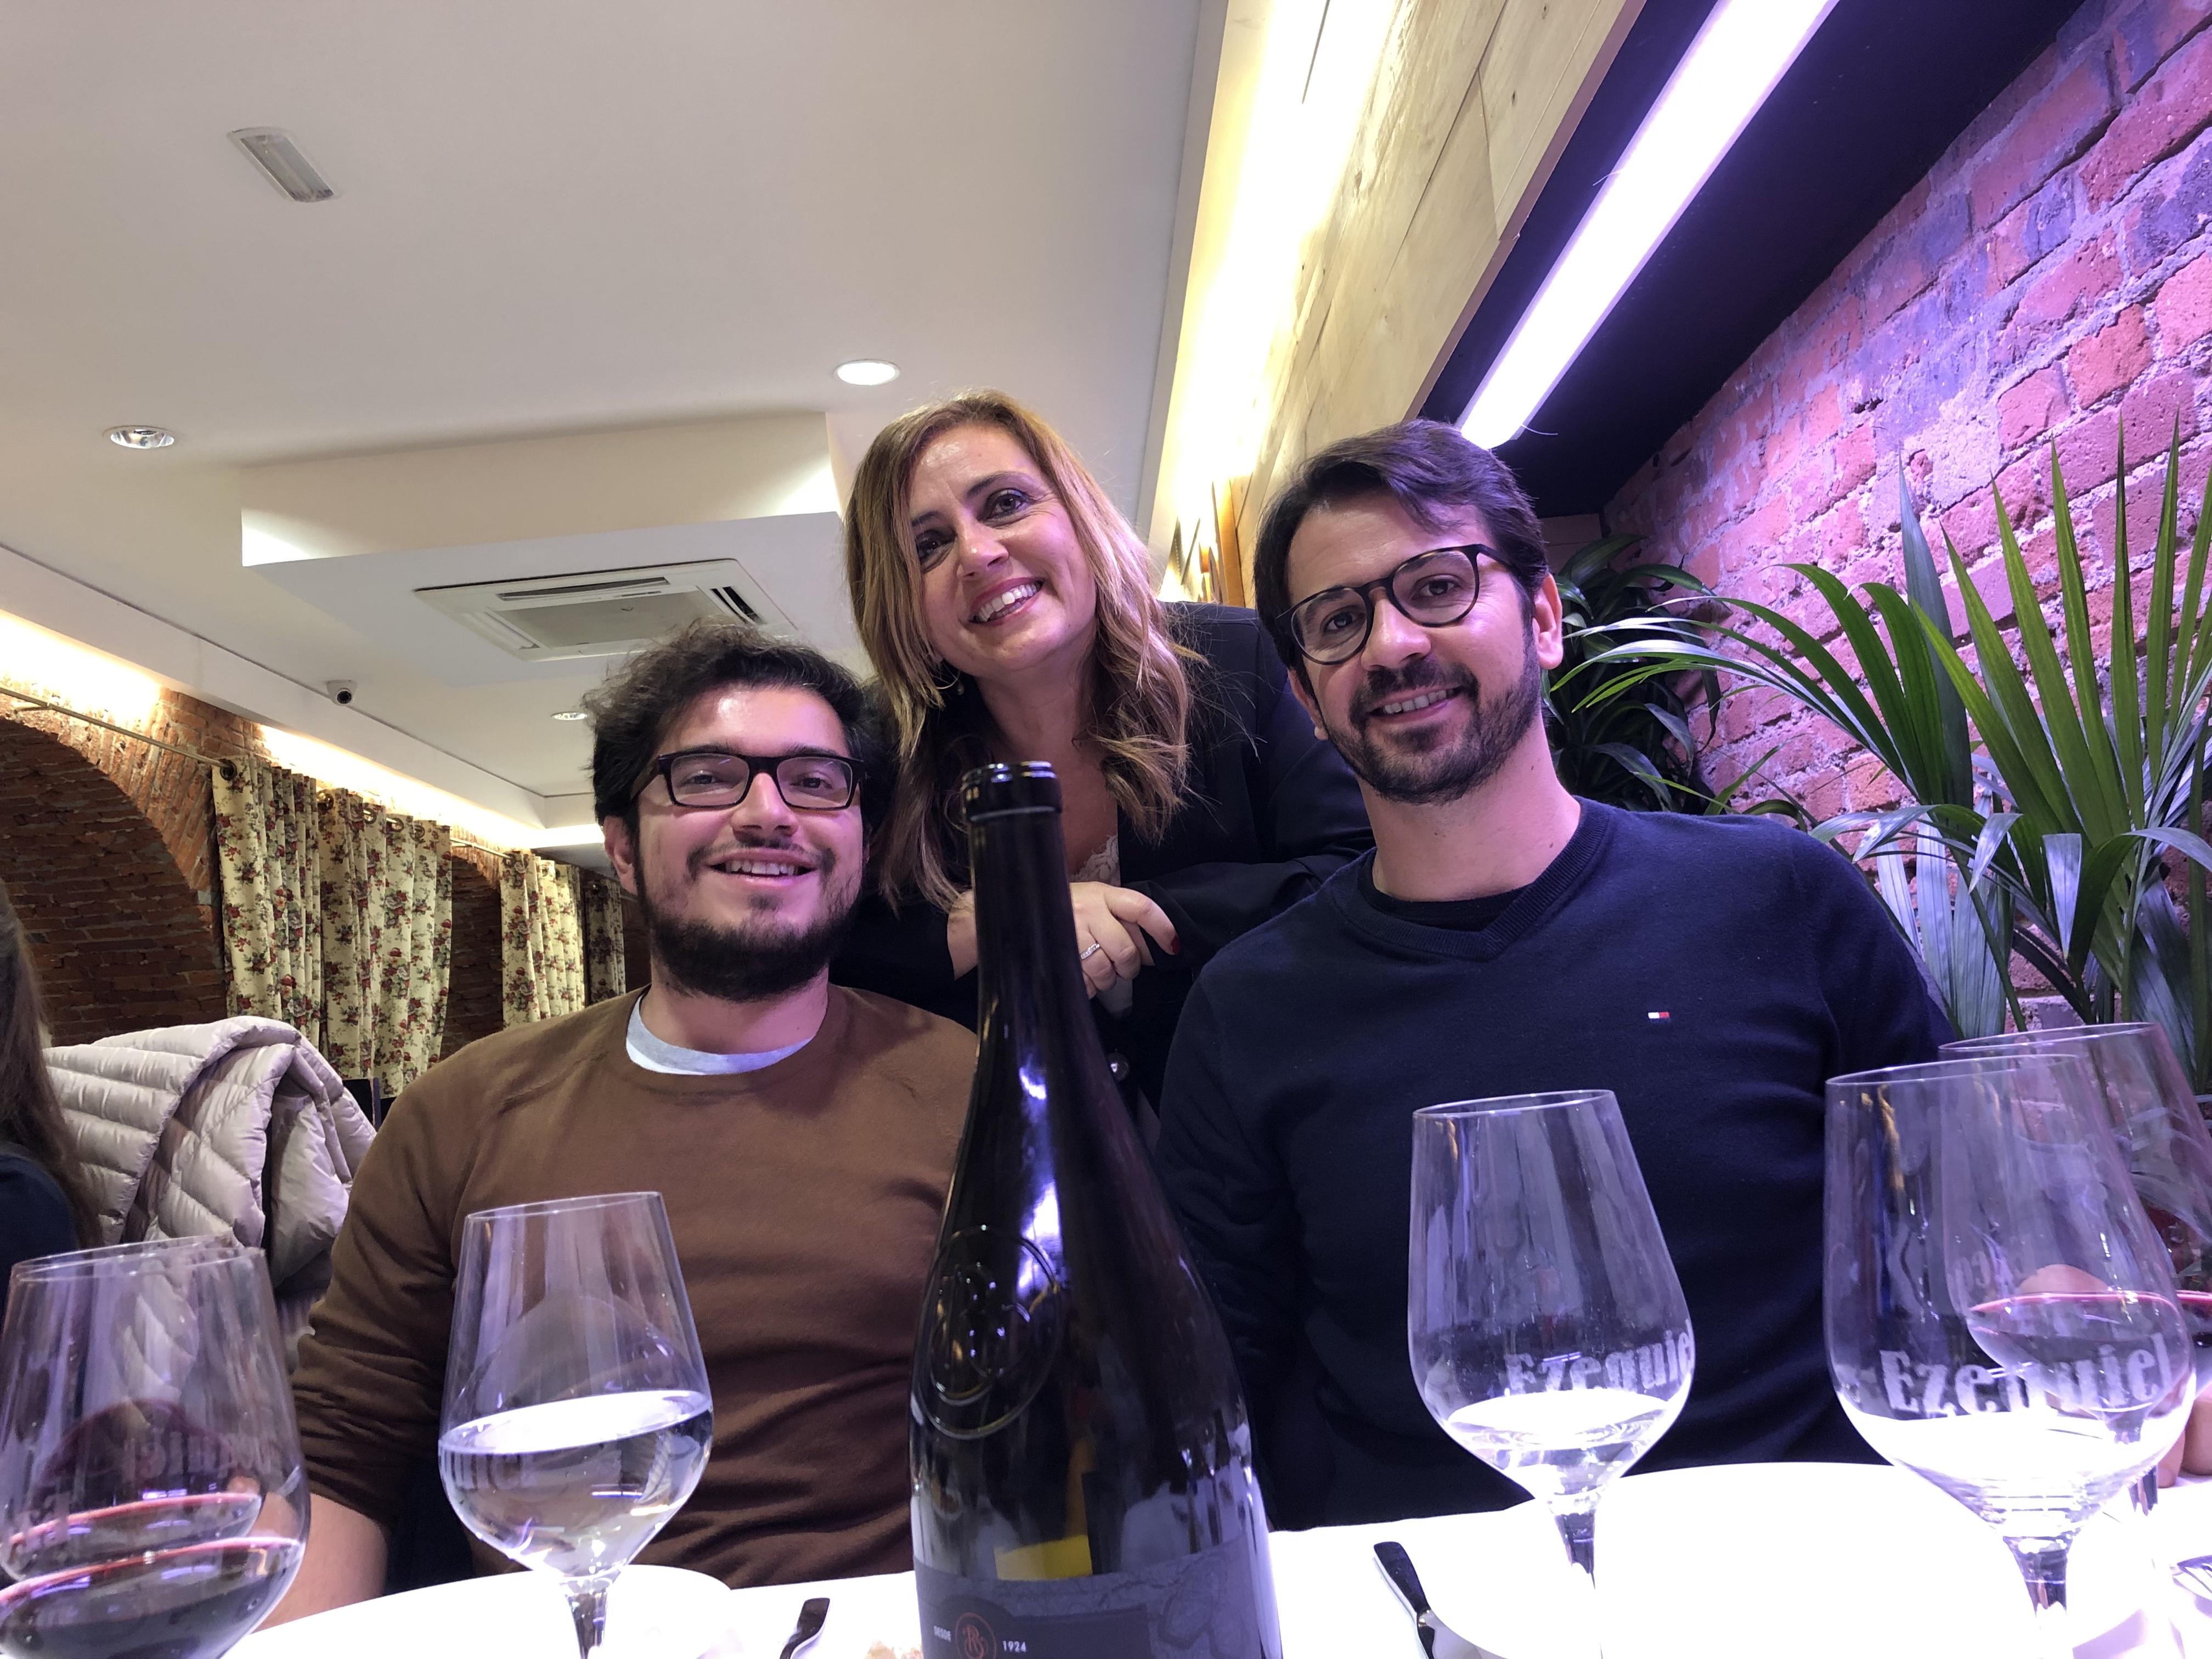 18-12-18 cena León 32 en Ezequiel. Alaor Leite_ Isab Dur_ Ed Viana